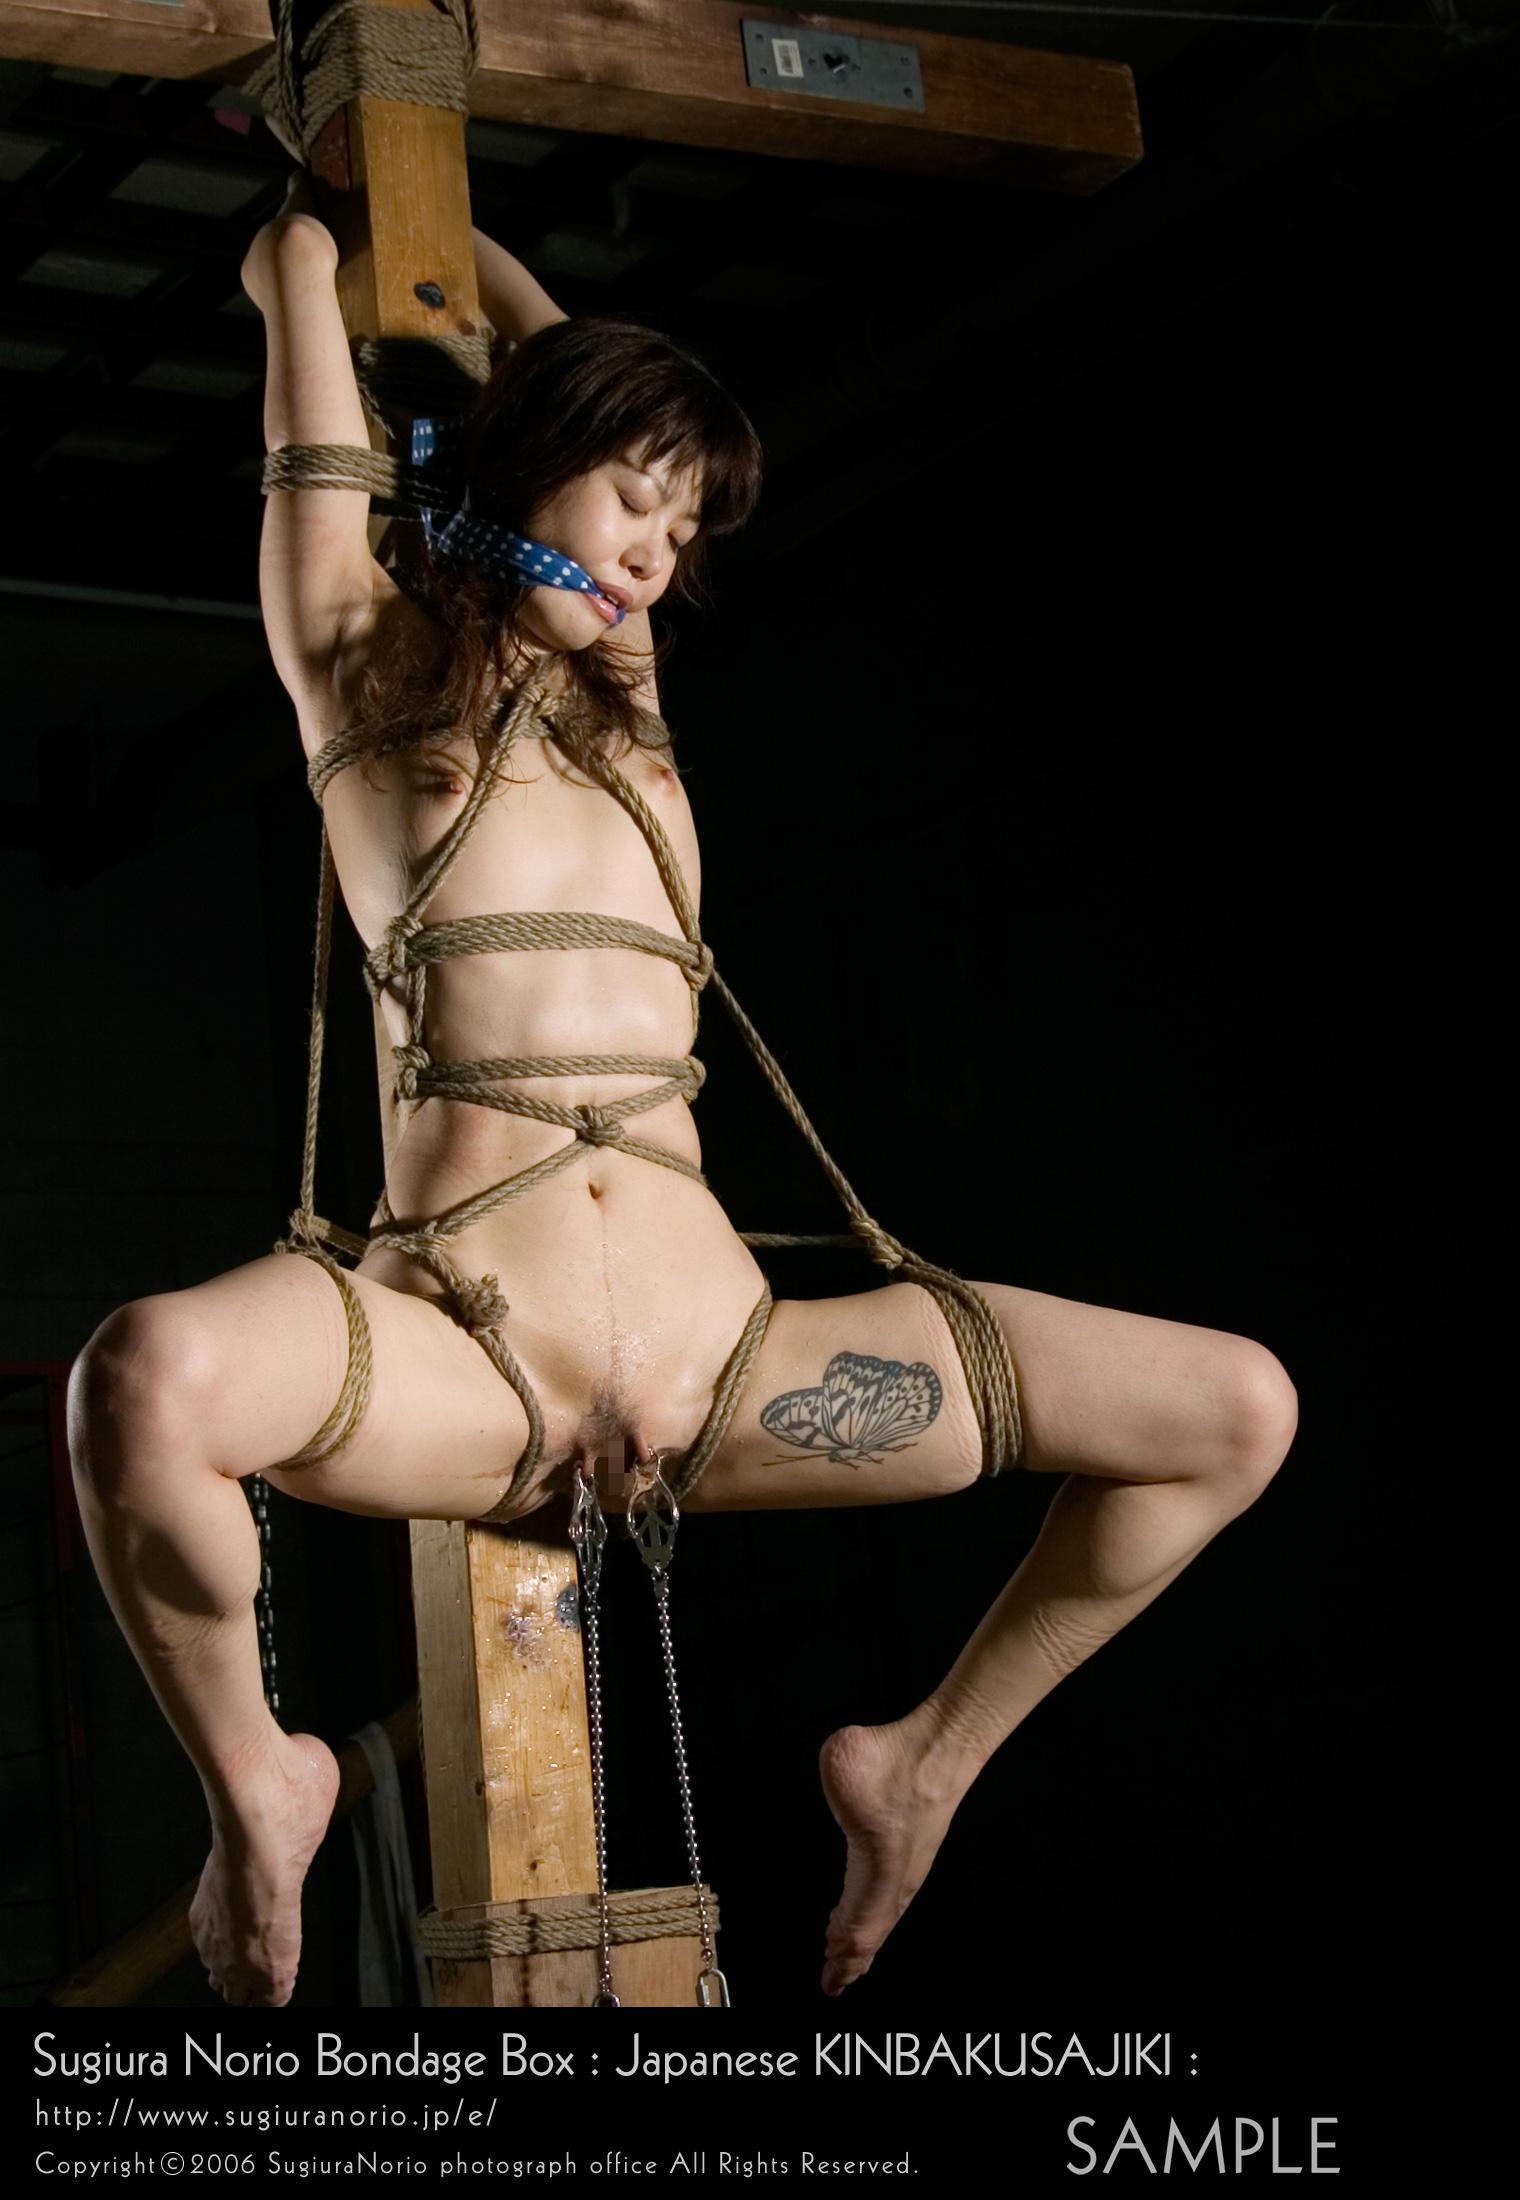 sm kinbakusajiki | SM | SugiuraNorio Bondage Box : Japanese KINBAKUSAJIKI :